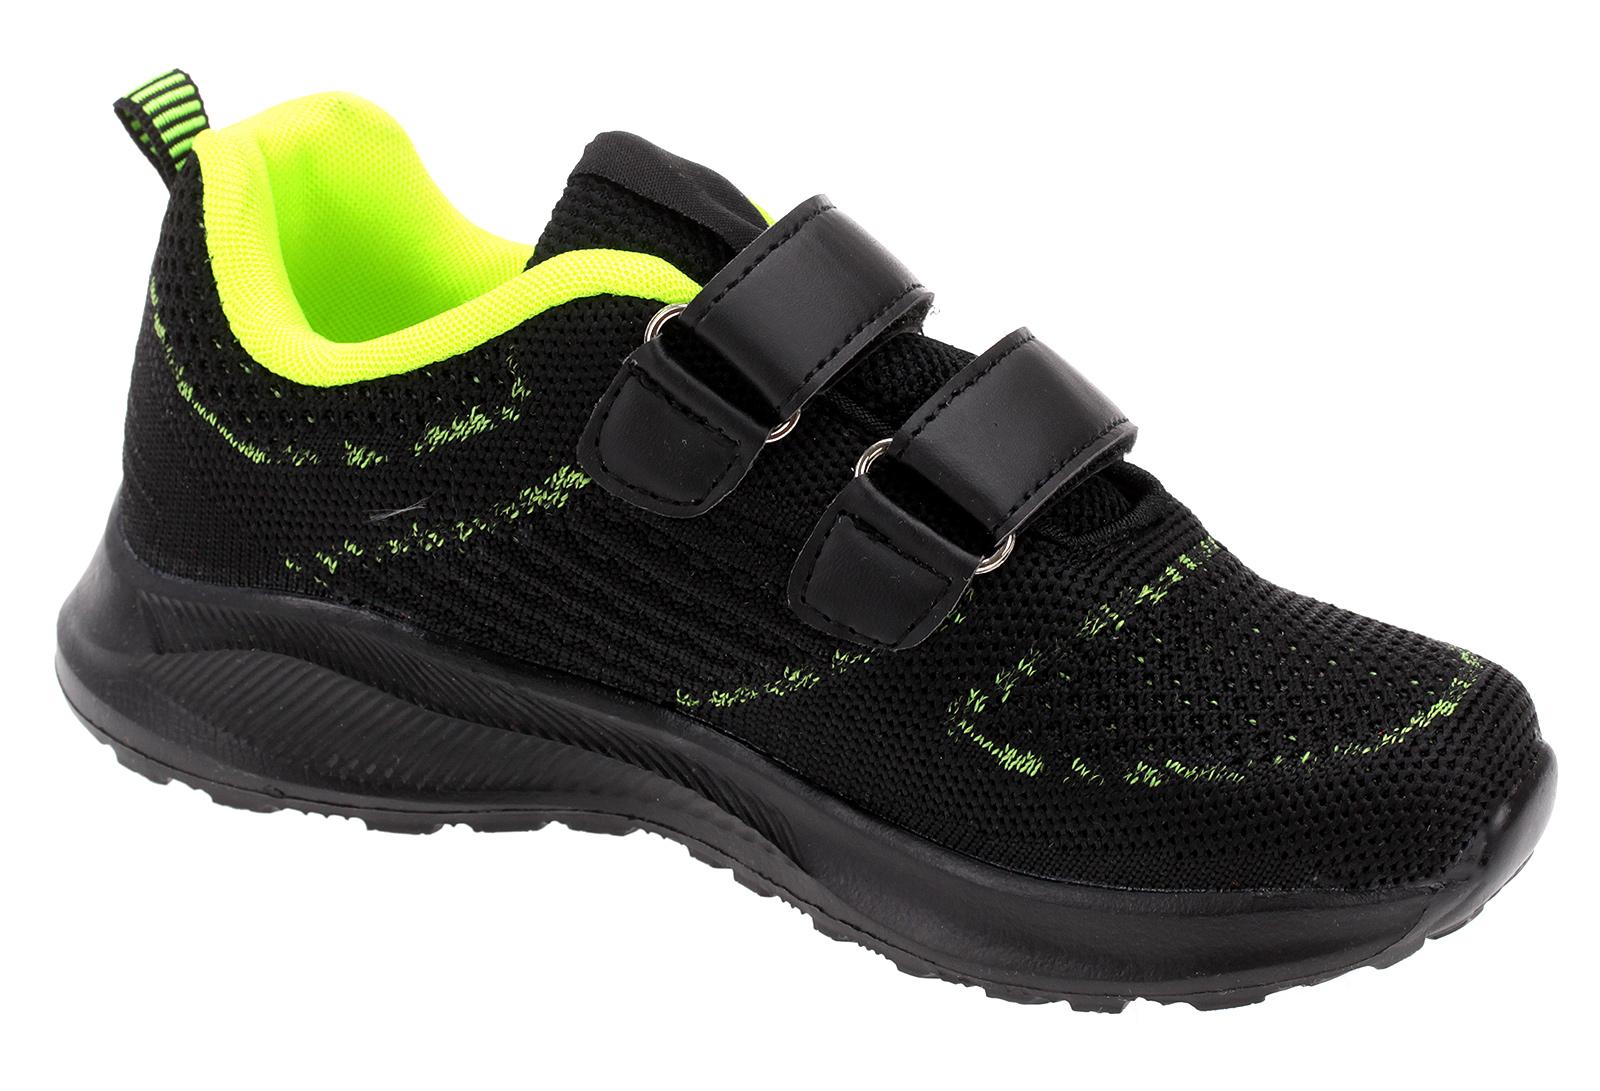 Kinder Sportschuhe Turnschuhe Sneaker Laufschuhe Klettverschluss